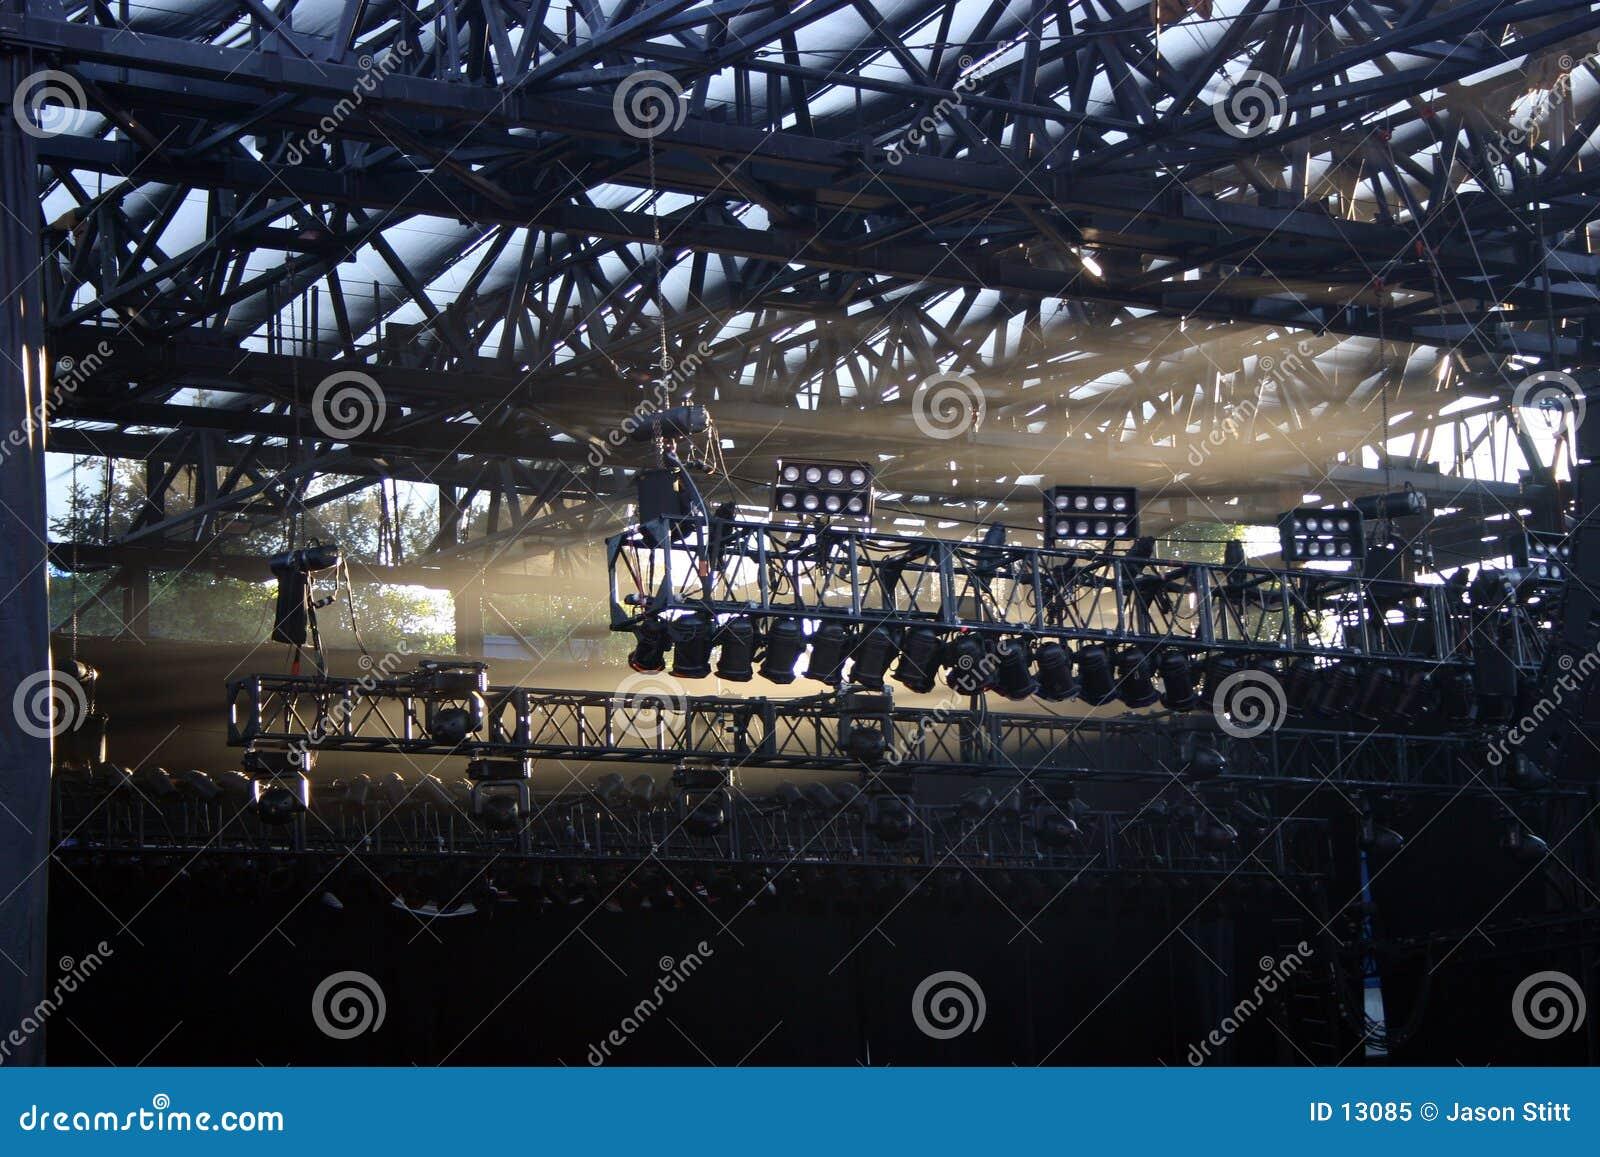 音乐会照明设备